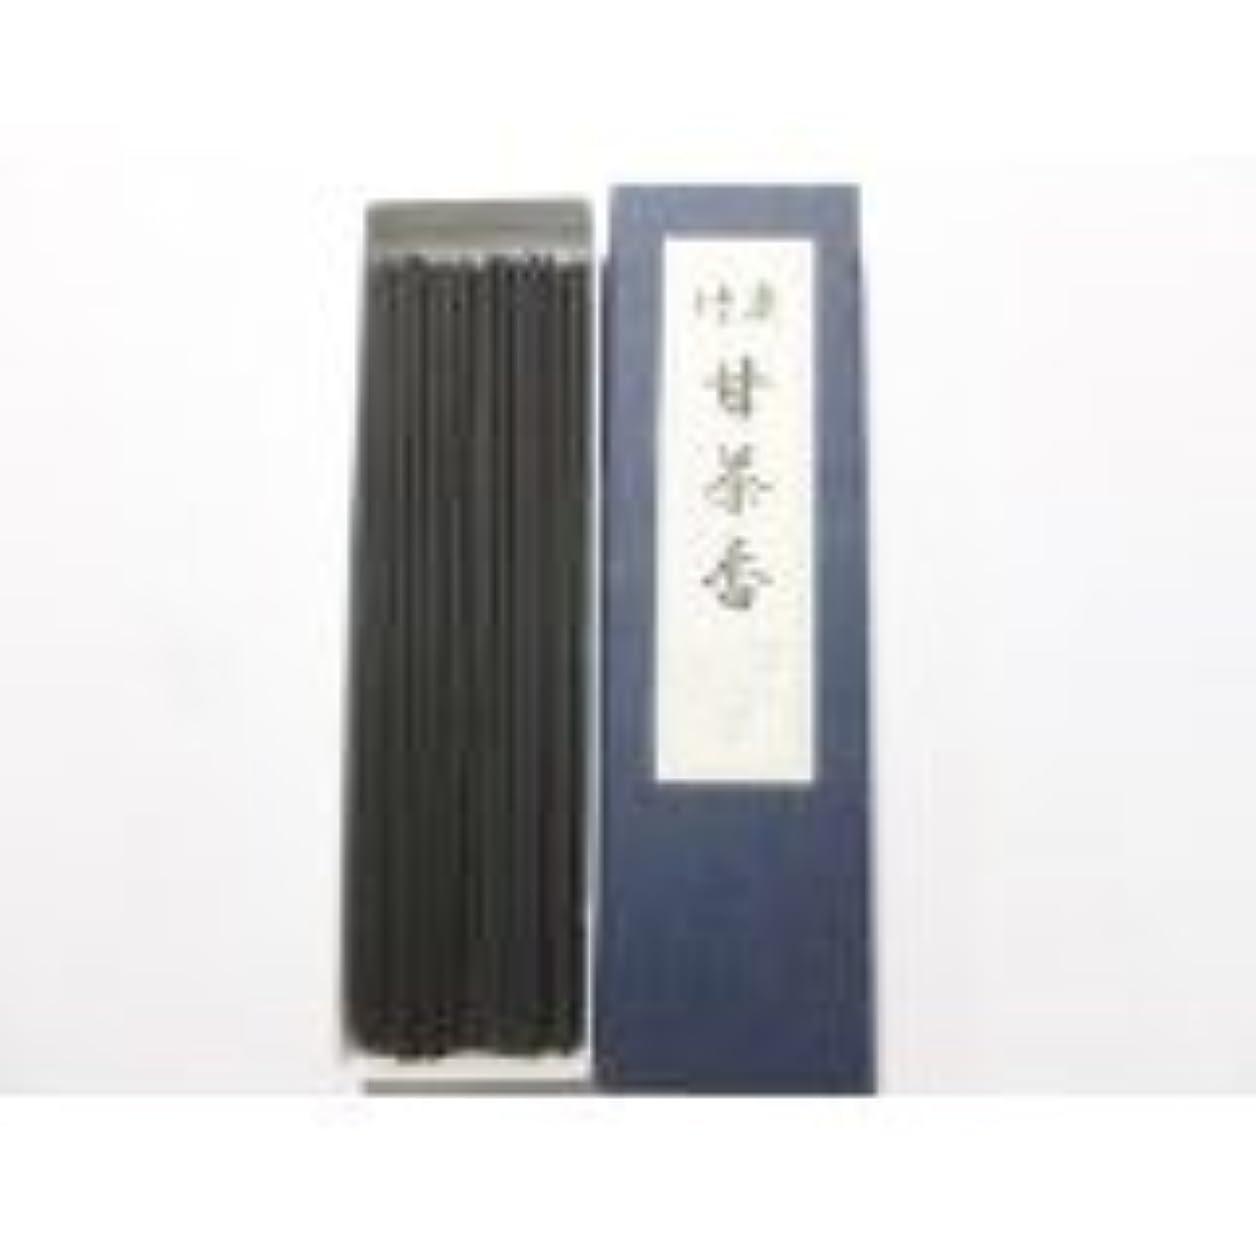 統計的ムスバタフライ淡路梅薫堂の線香 竹炭甘茶香 18g #30 ×100